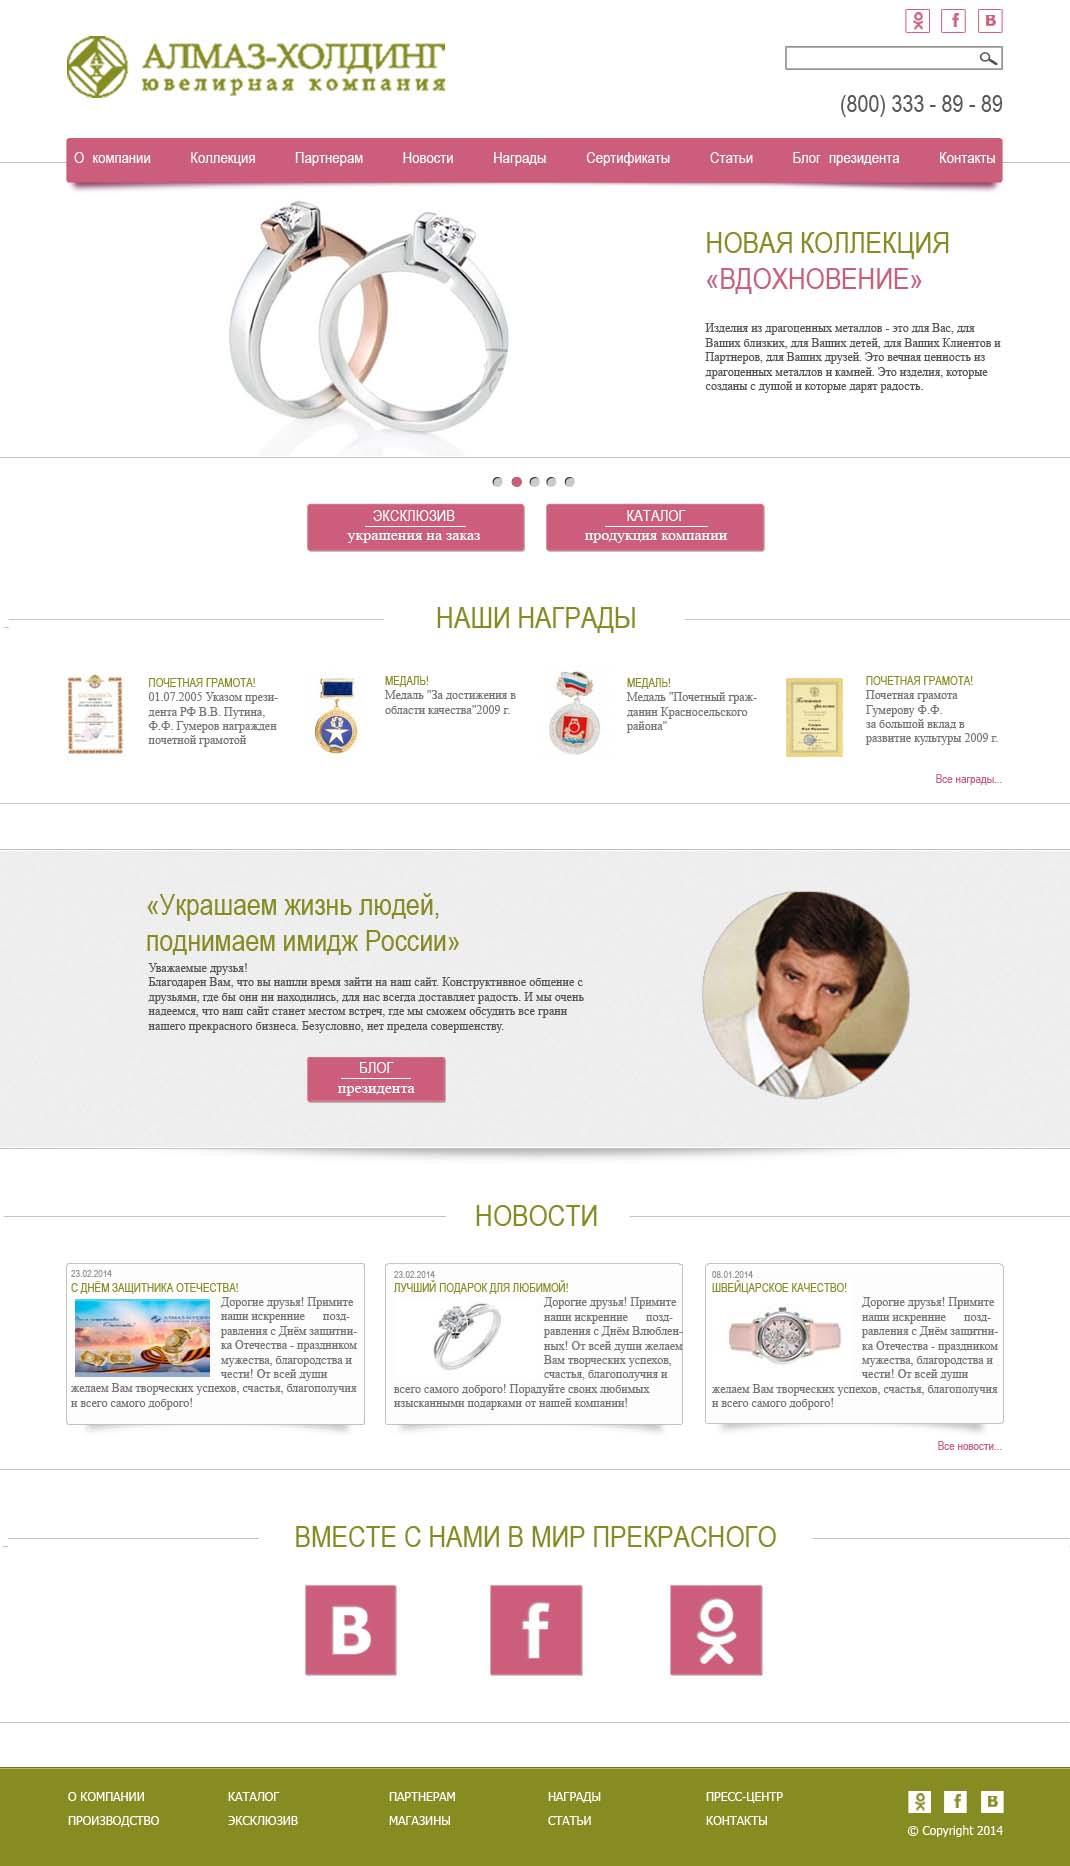 Дизайн сайта для ювелирной компании Алмаз-Холдинг фото f_268530e6c39081df.jpg